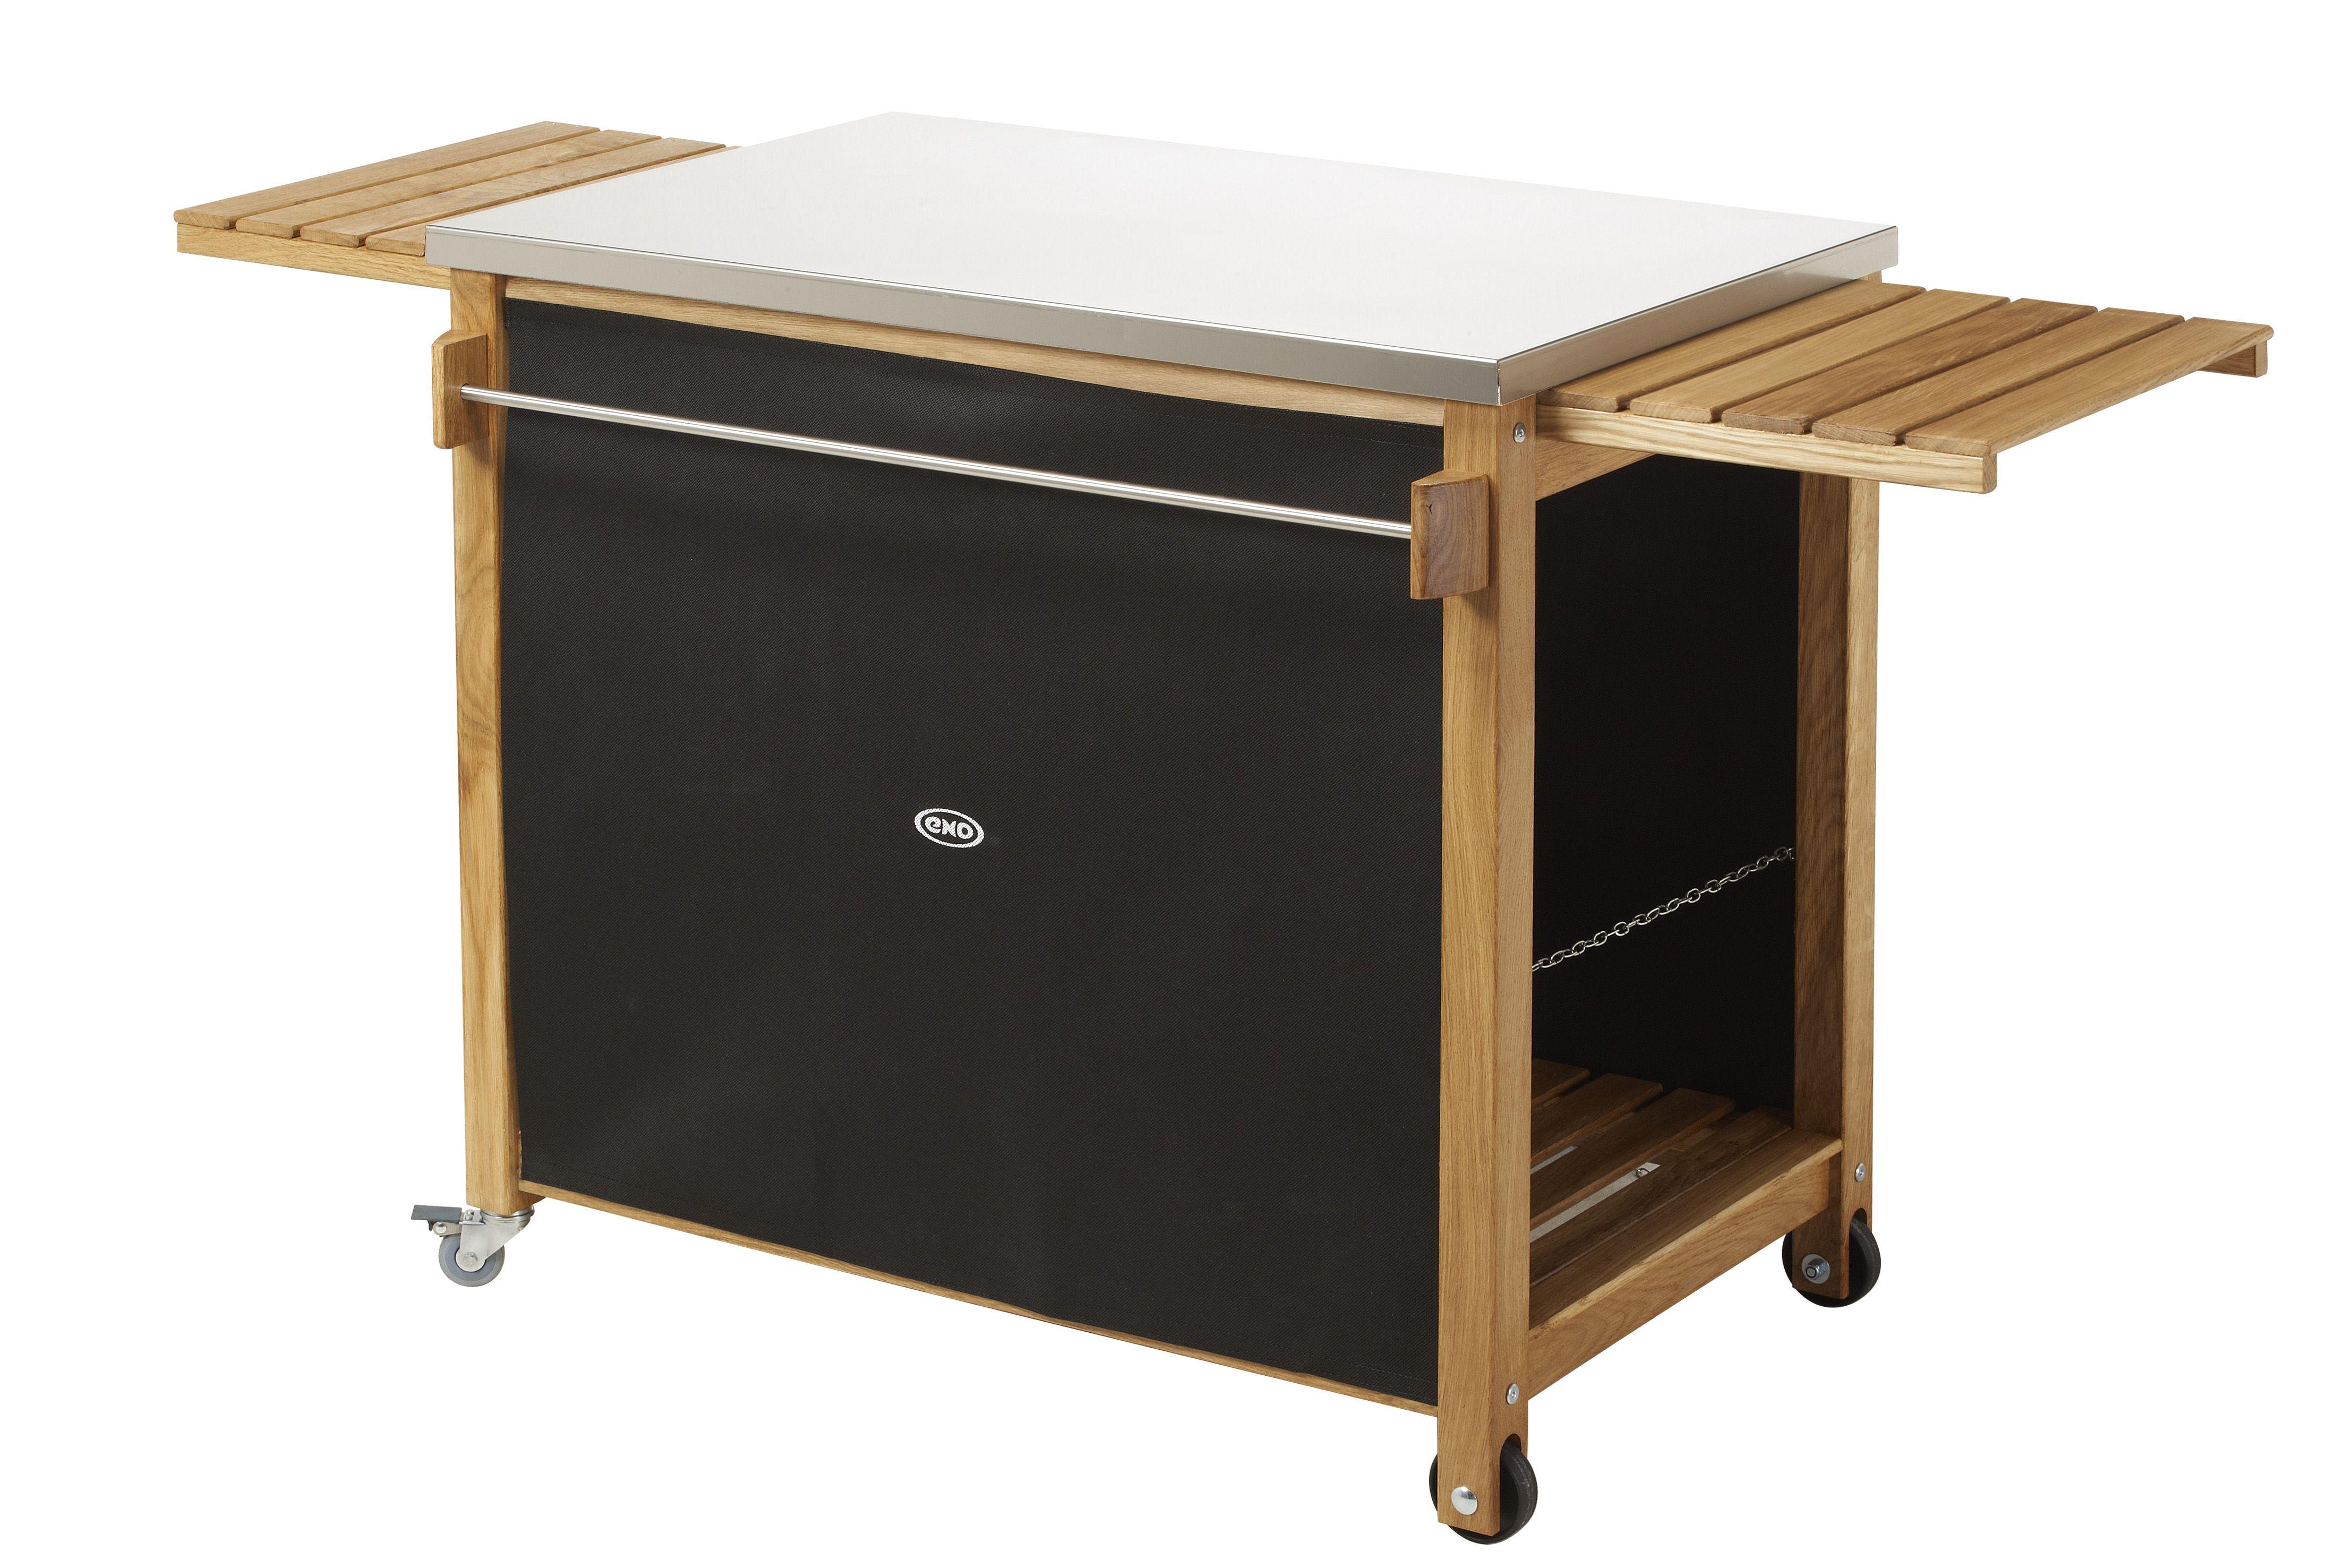 gamme 2016 desserte la plancha bois et inox compatible pour toutes les planchas eno bois. Black Bedroom Furniture Sets. Home Design Ideas